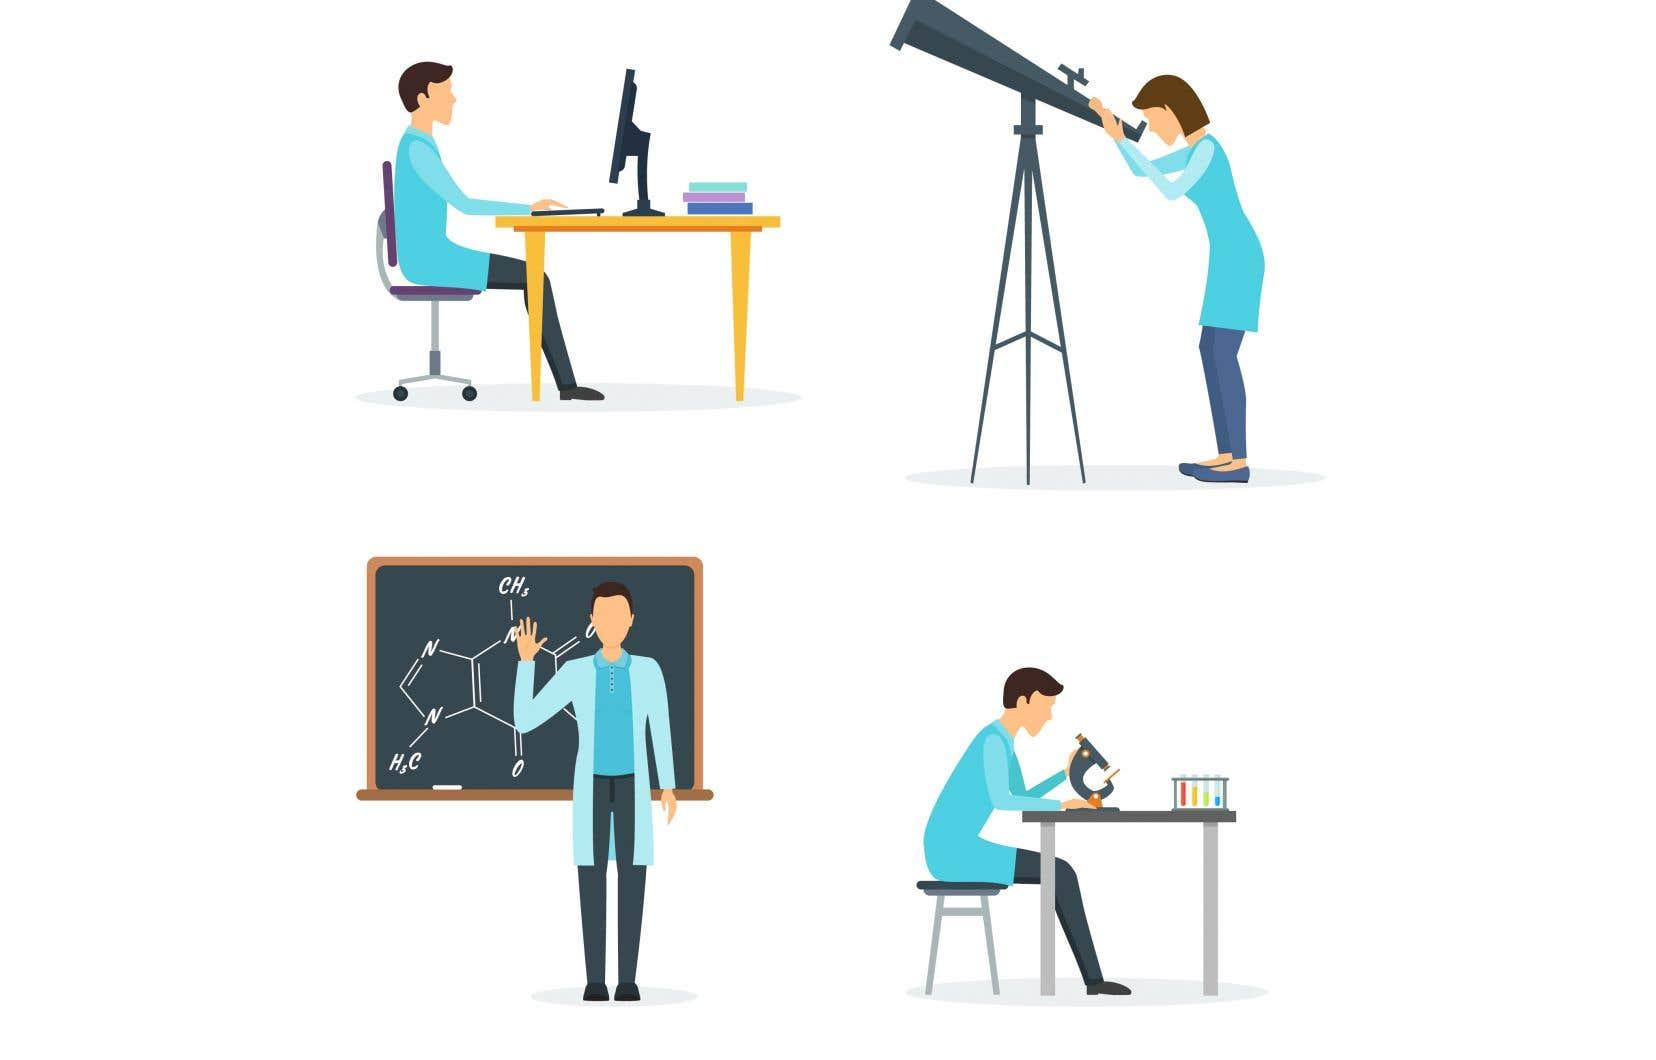 Entre deux cours en ligne, pandémie oblige, les enseignants-chercheurs consacrent leur temps à leurs activités de recherche.